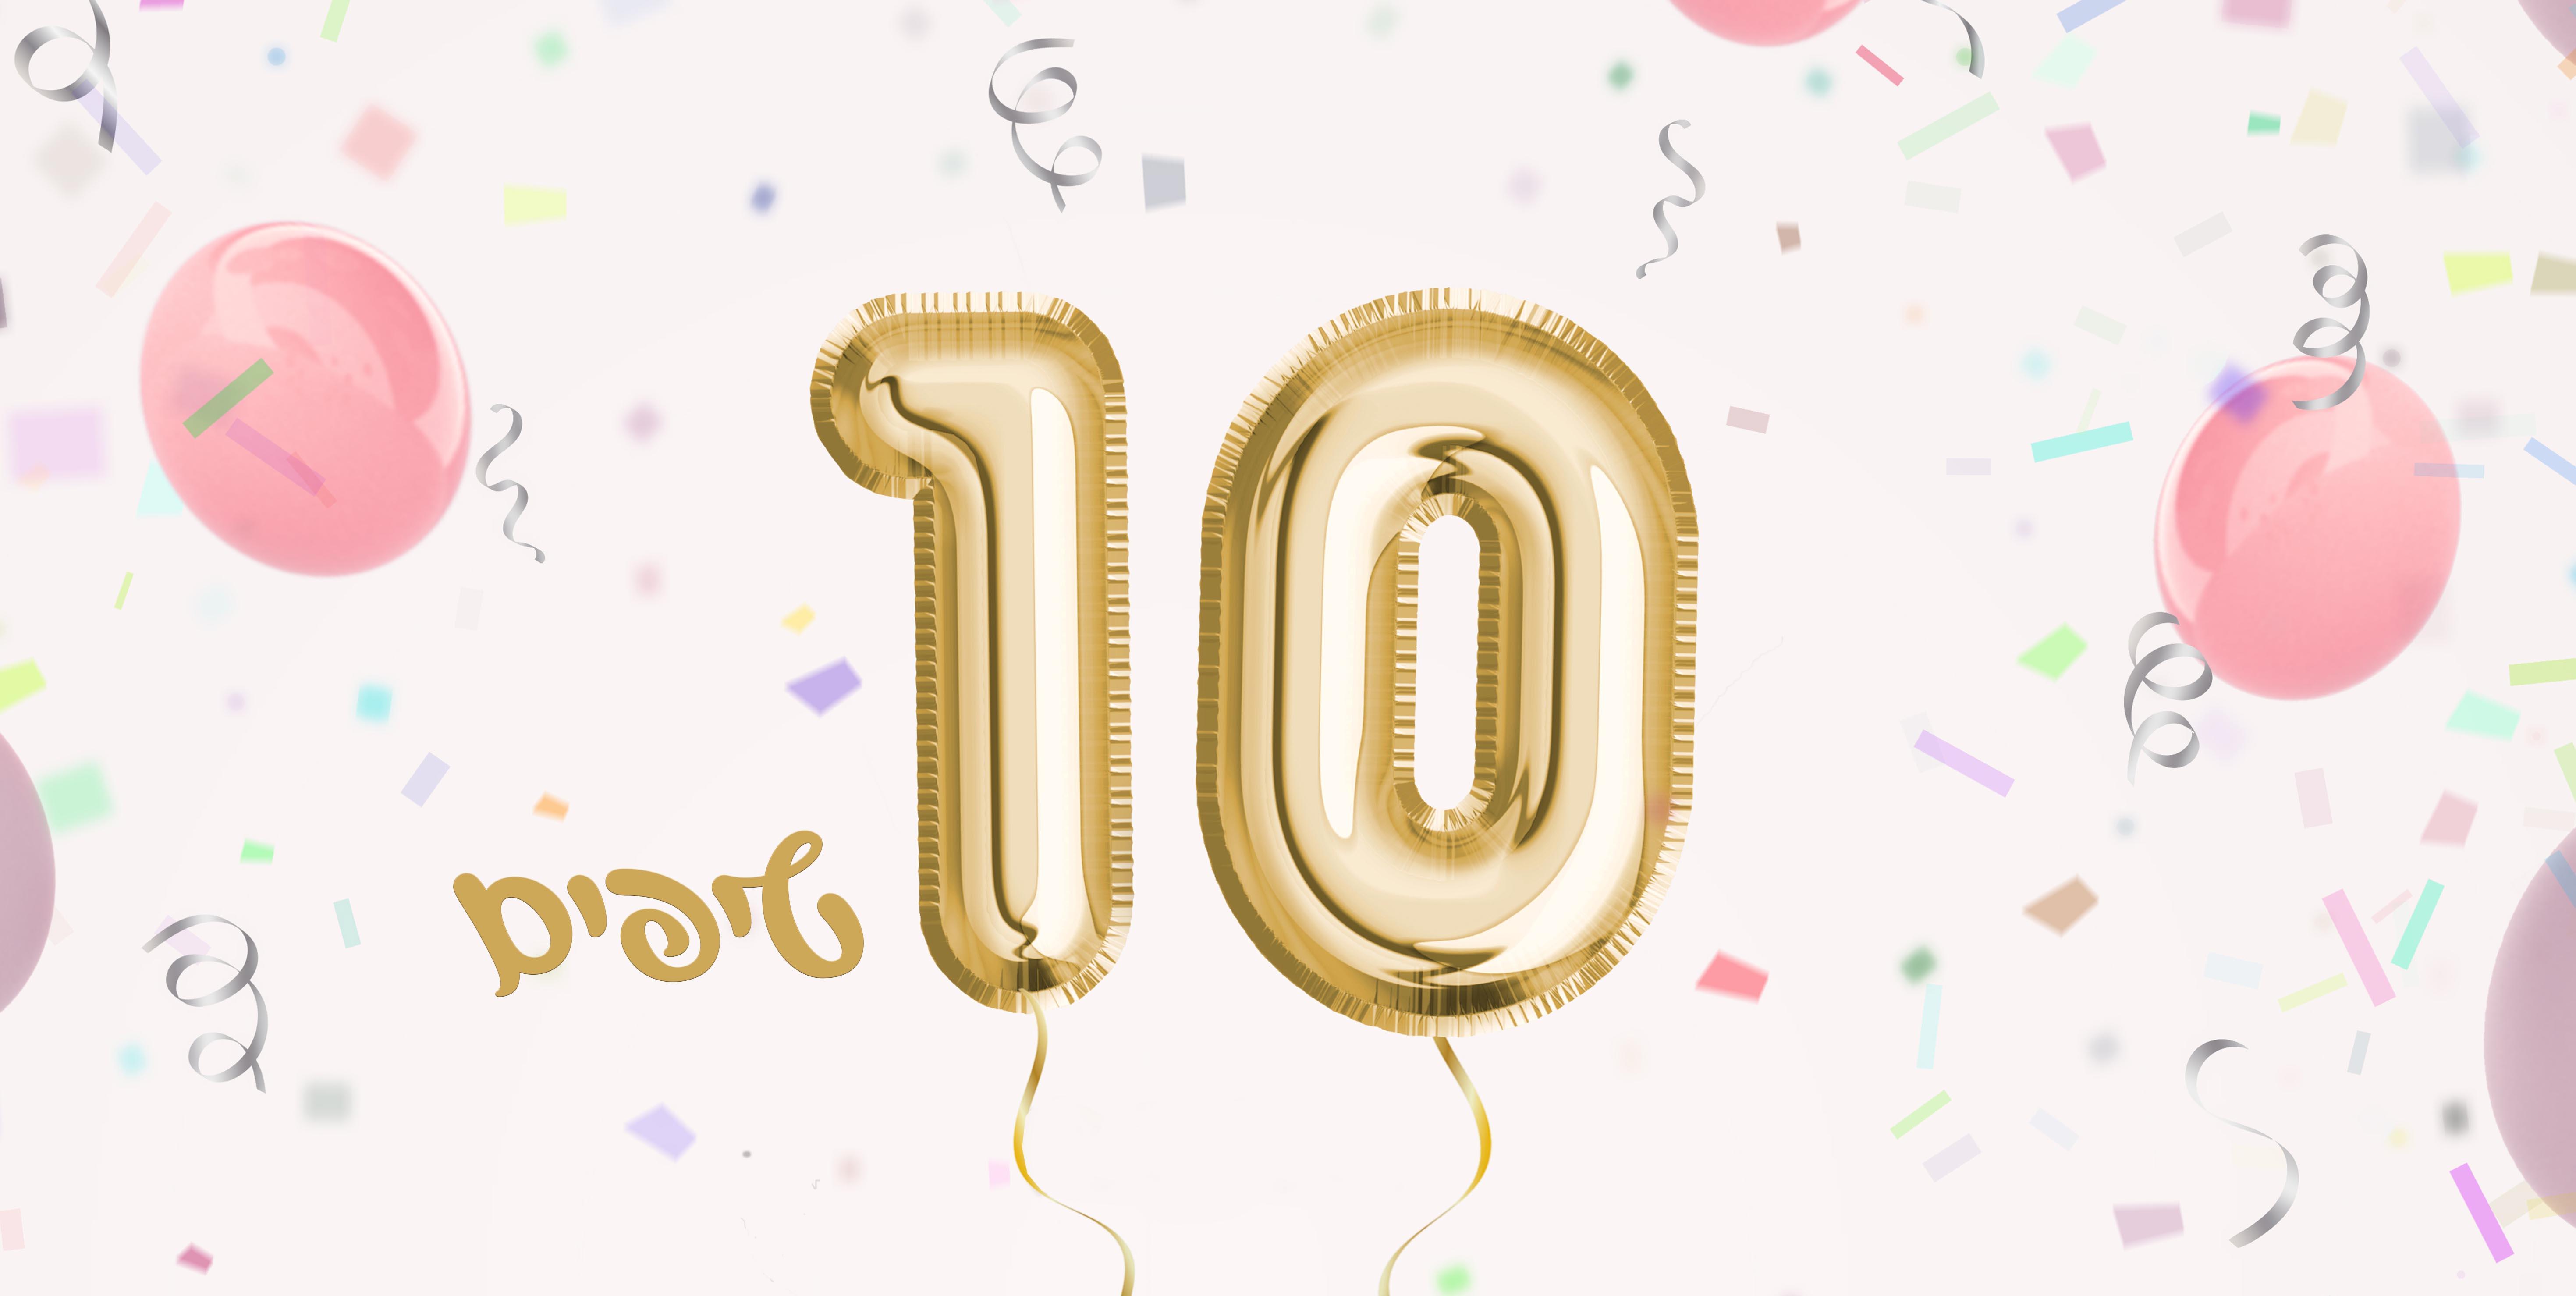 10 טיפים למותג מצליח - תמונת מאמר